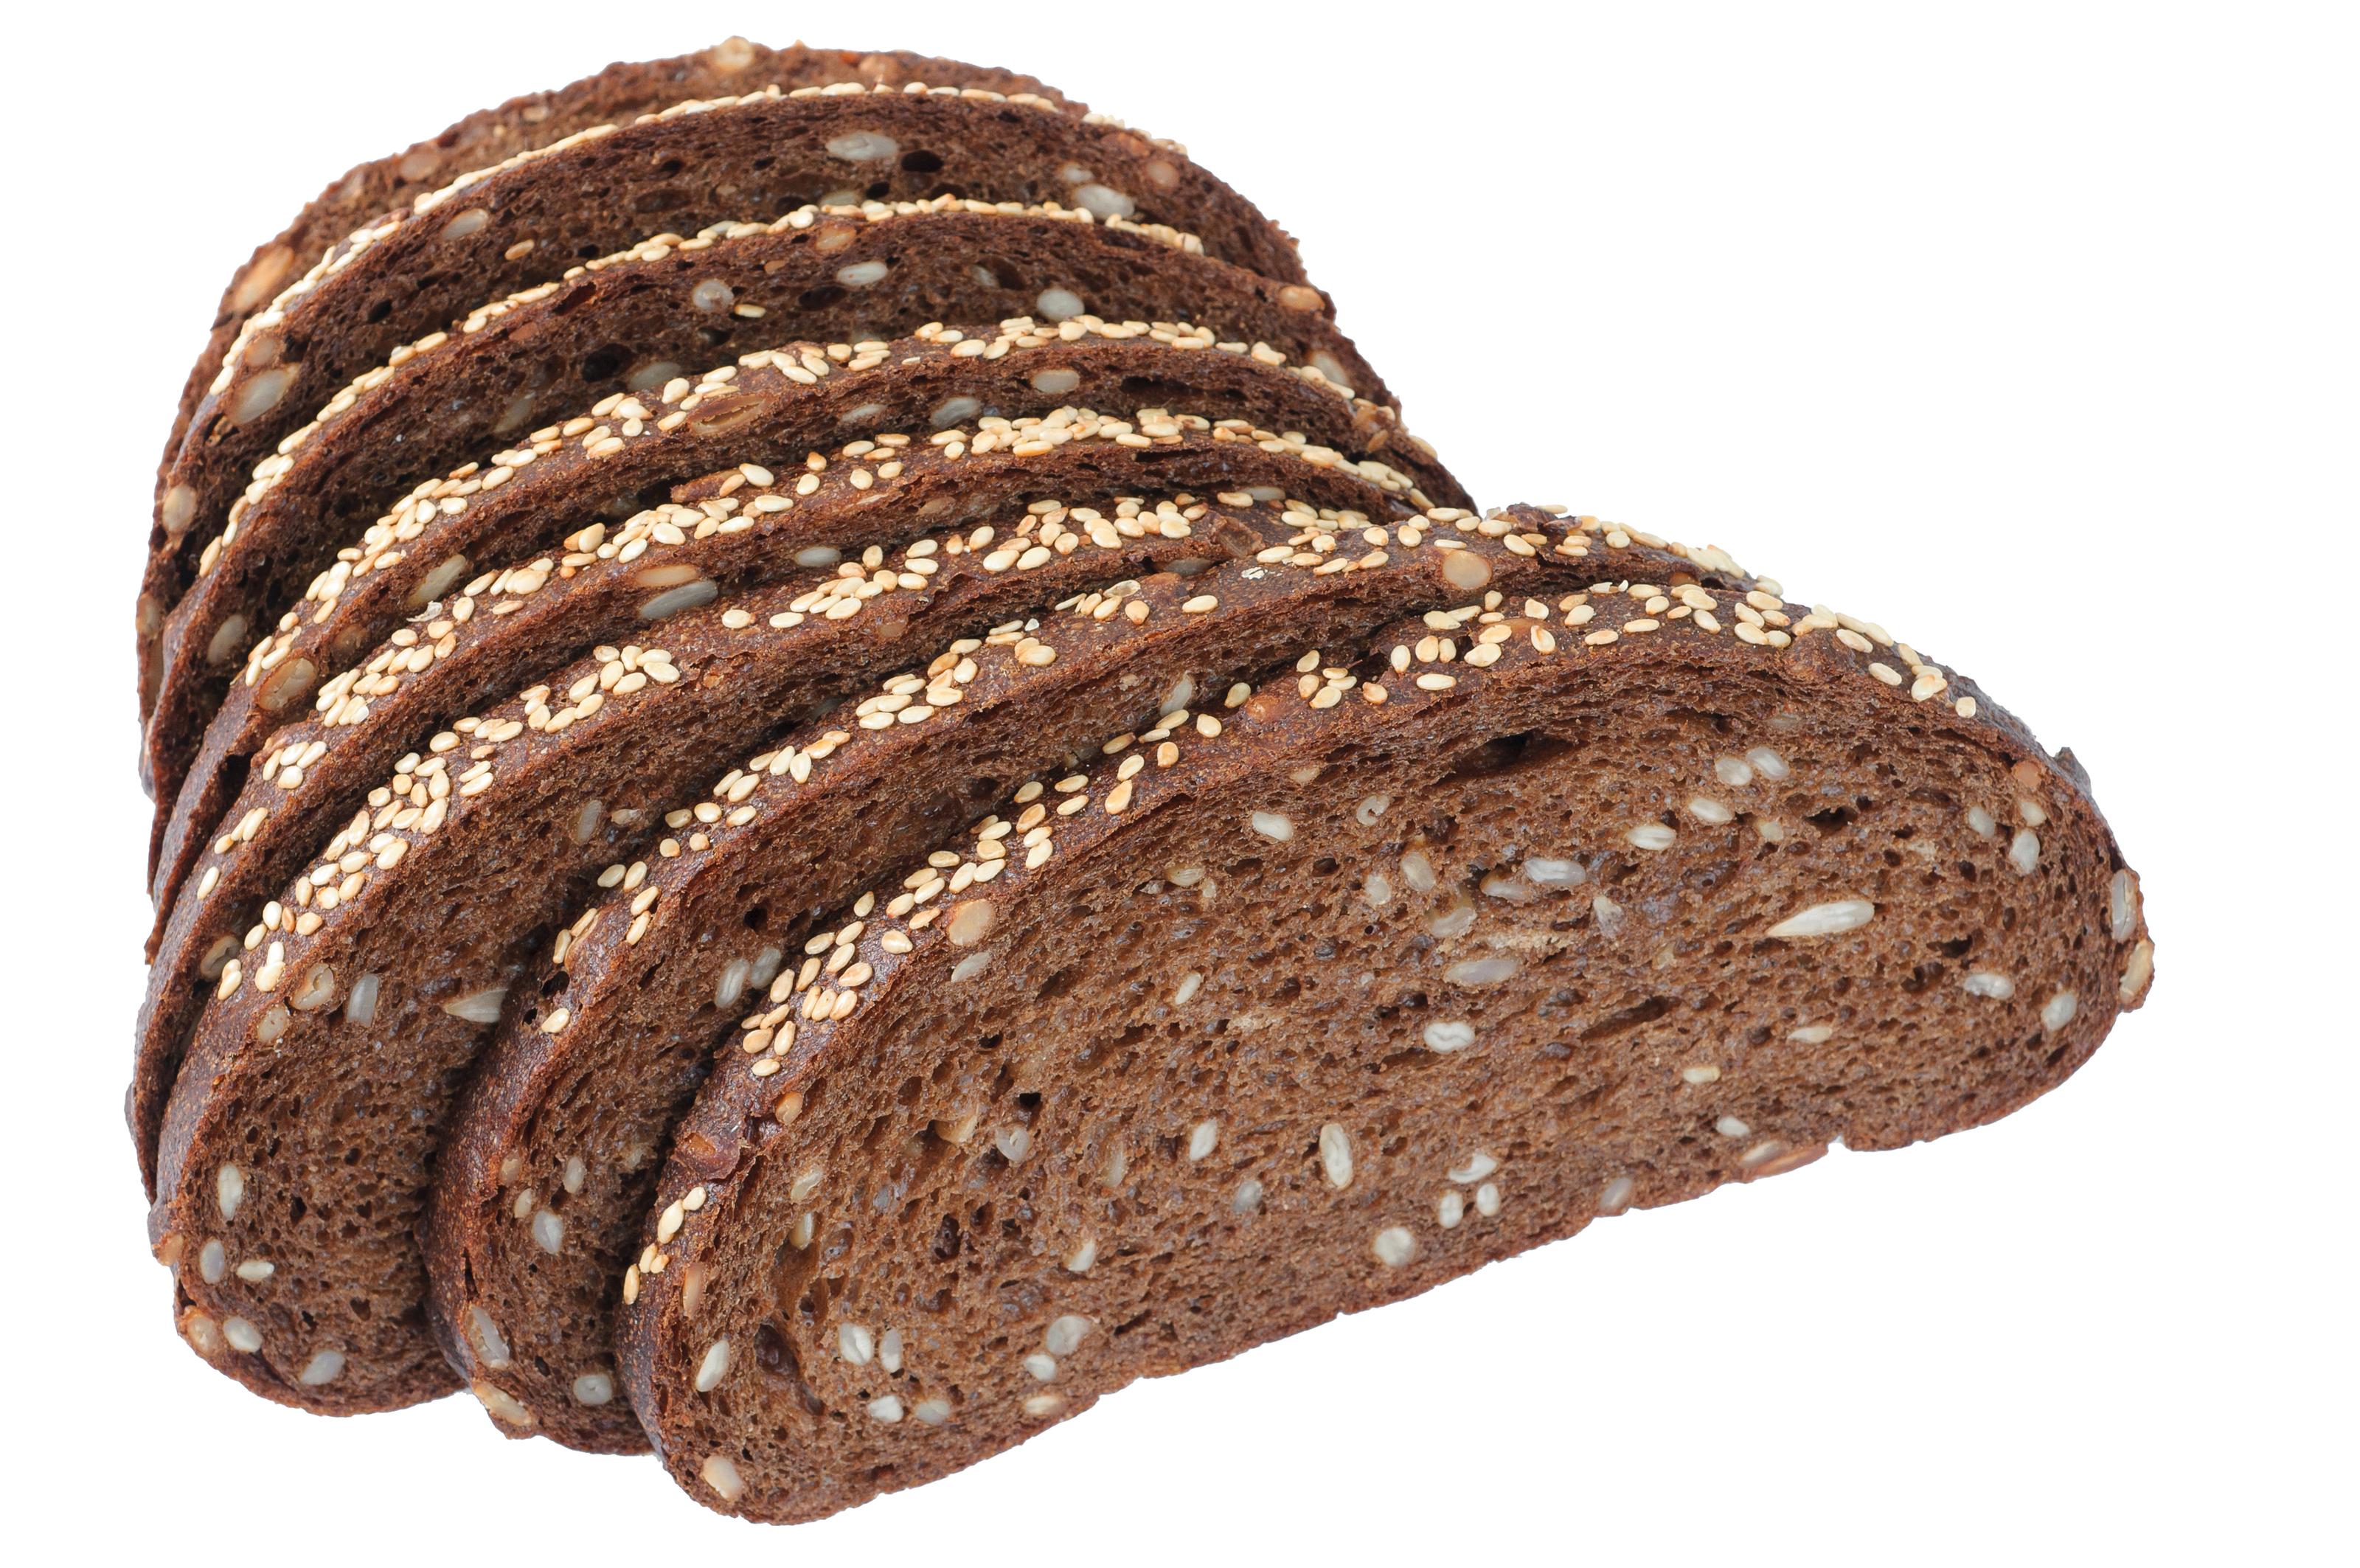 ont i magen av bröd